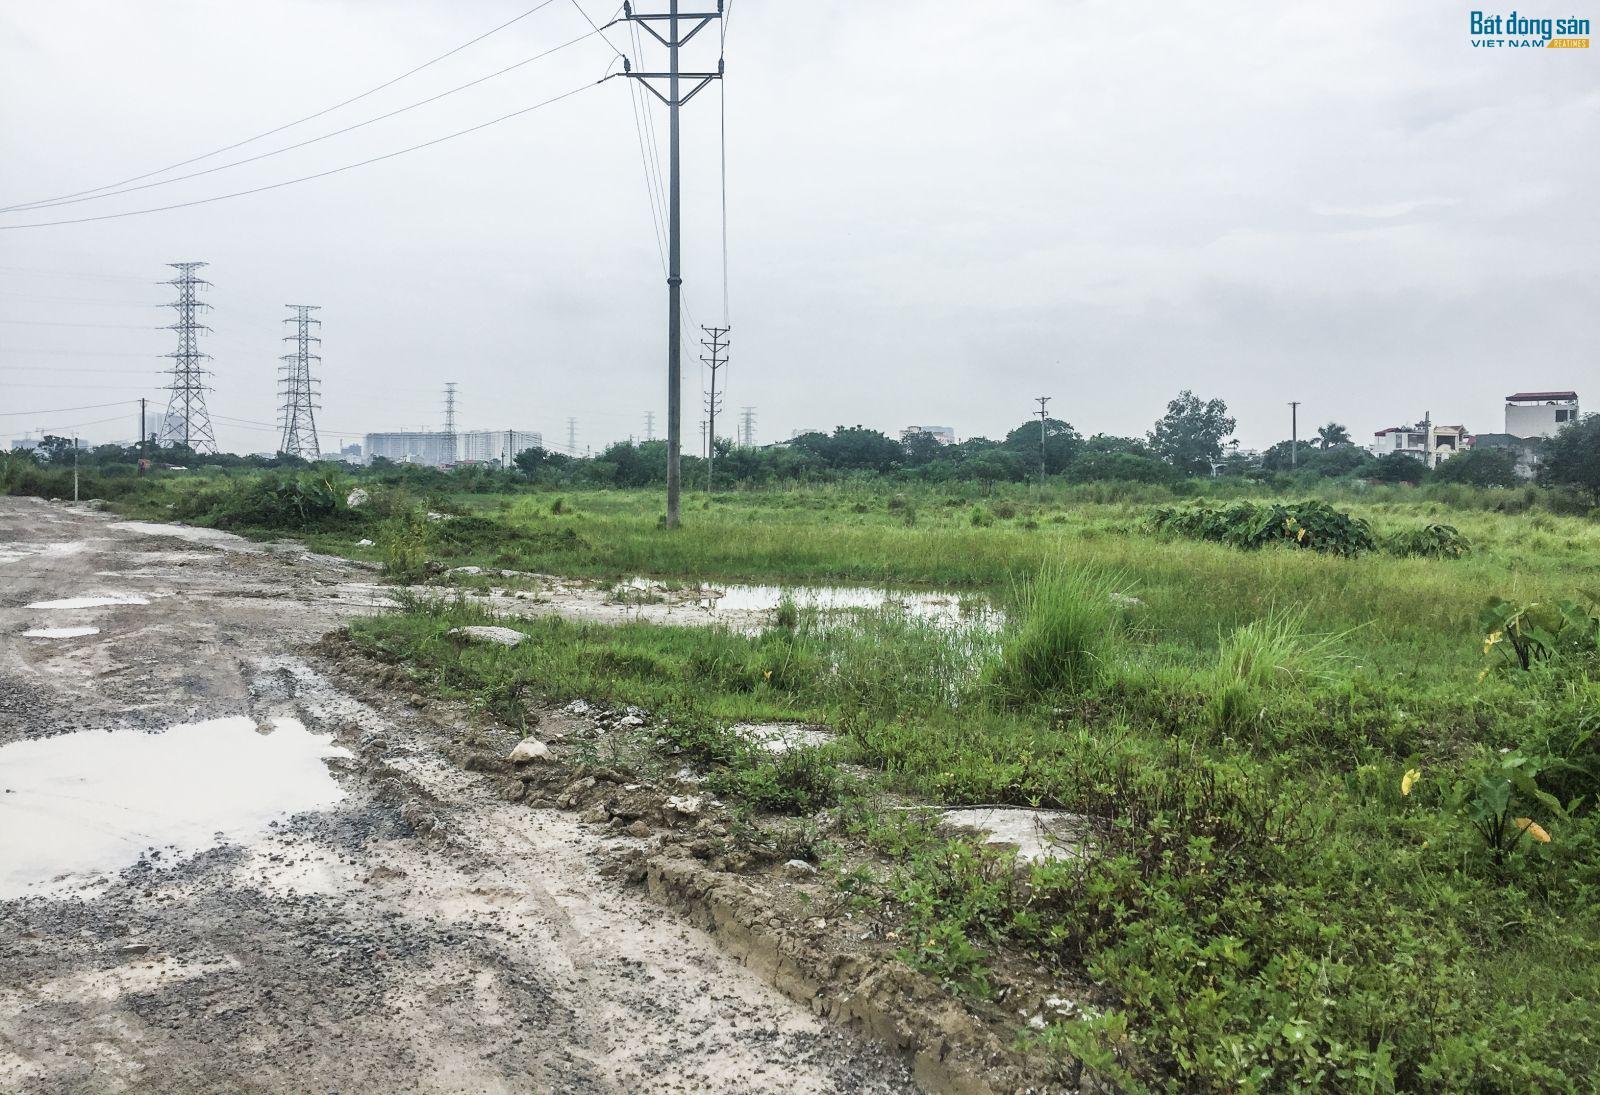 Dự án Thịnh Liệt bỏhoang